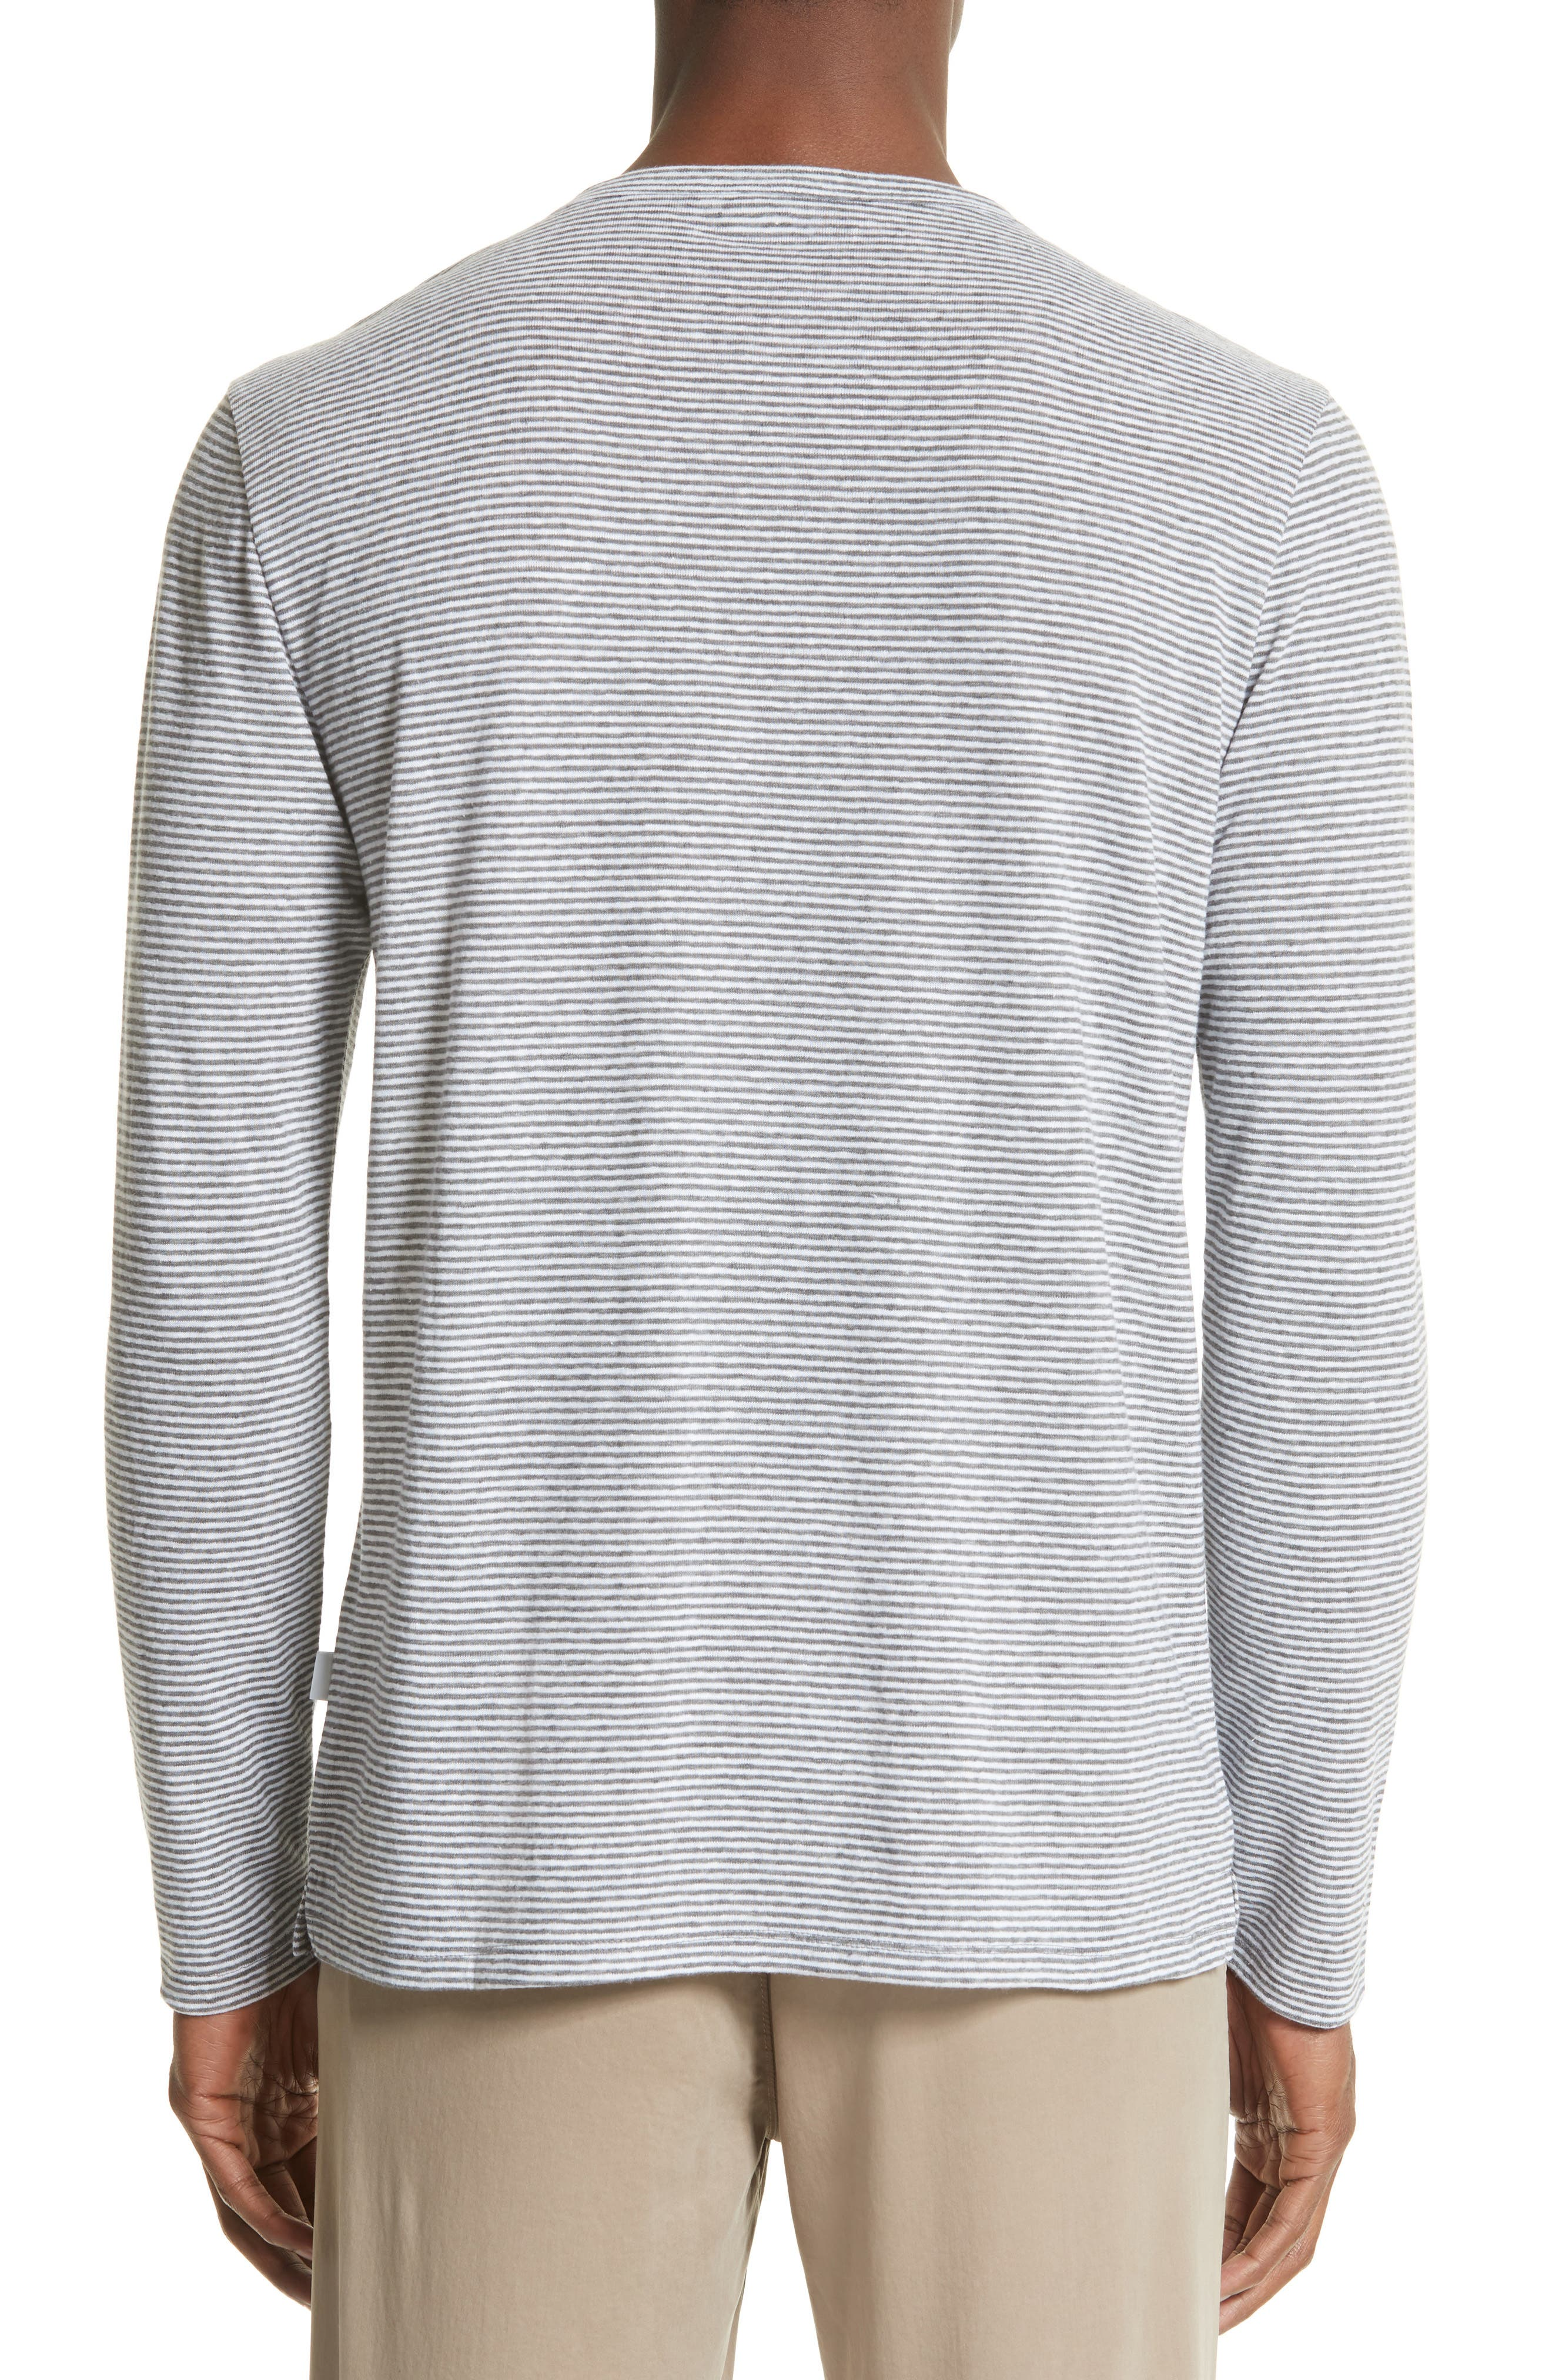 Alternate Image 2  - ONIA Linen Blend Stripe Henley